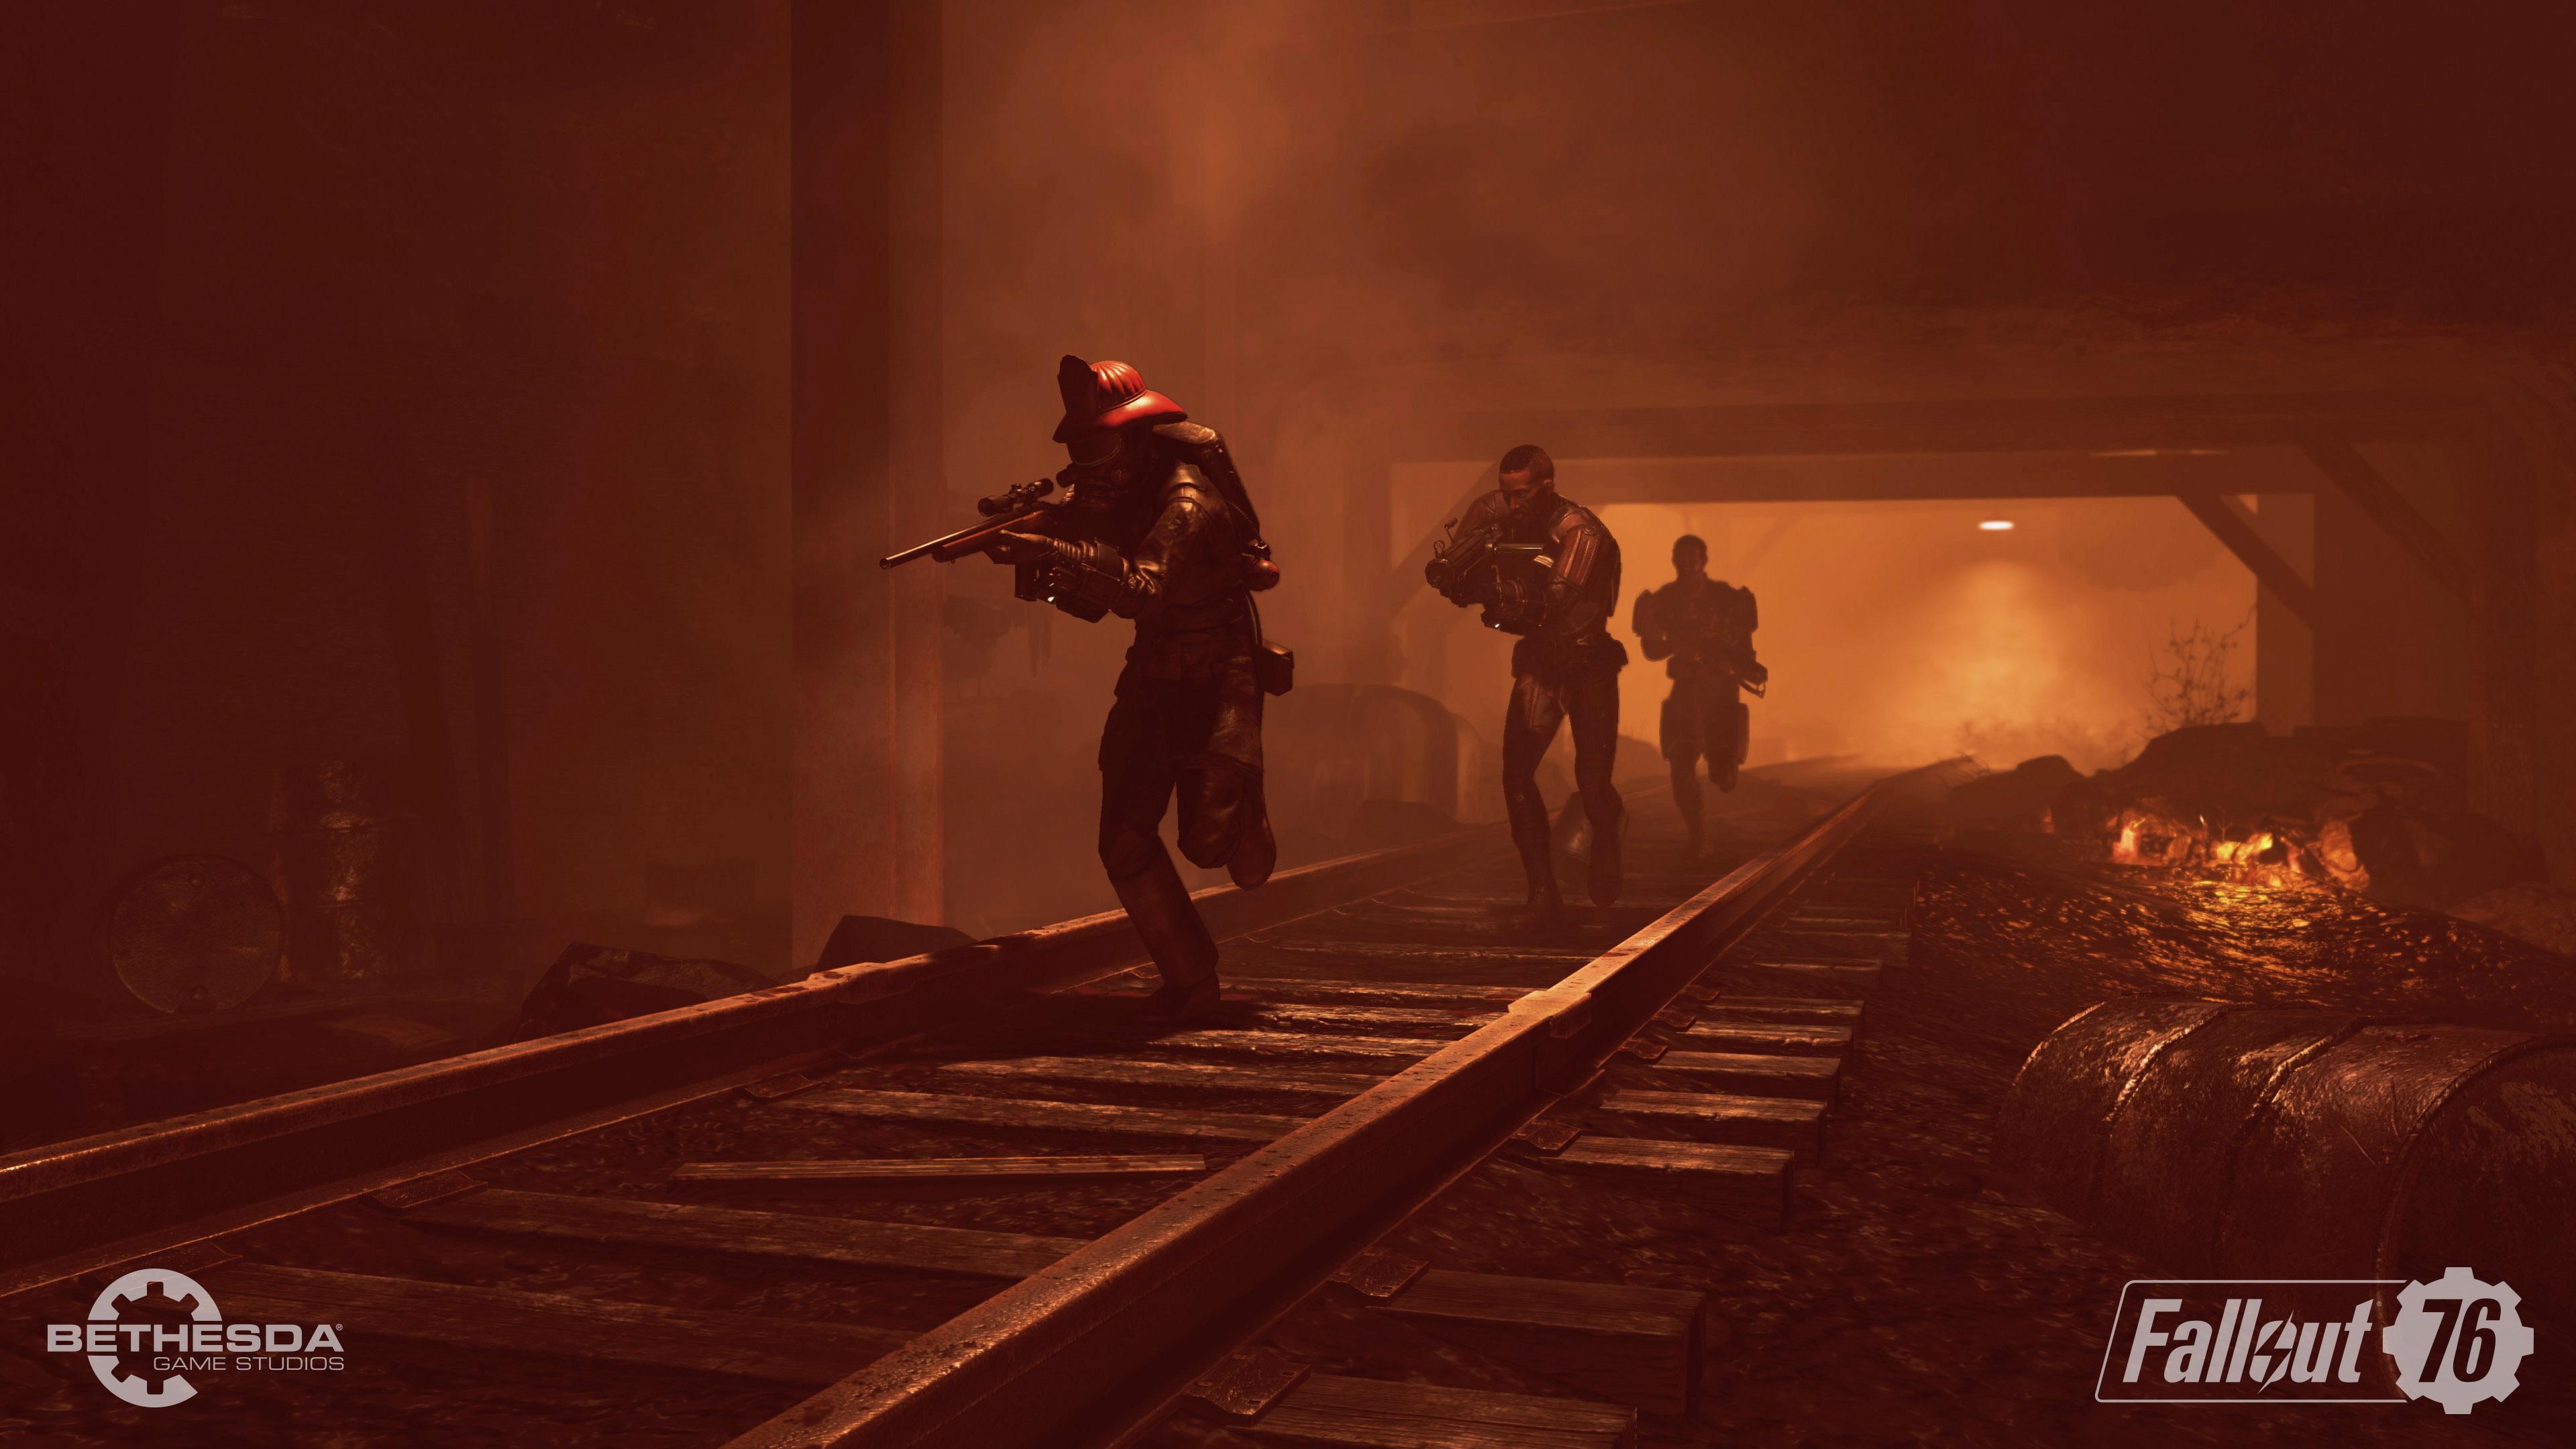 Fallout76 E3 Tunnel